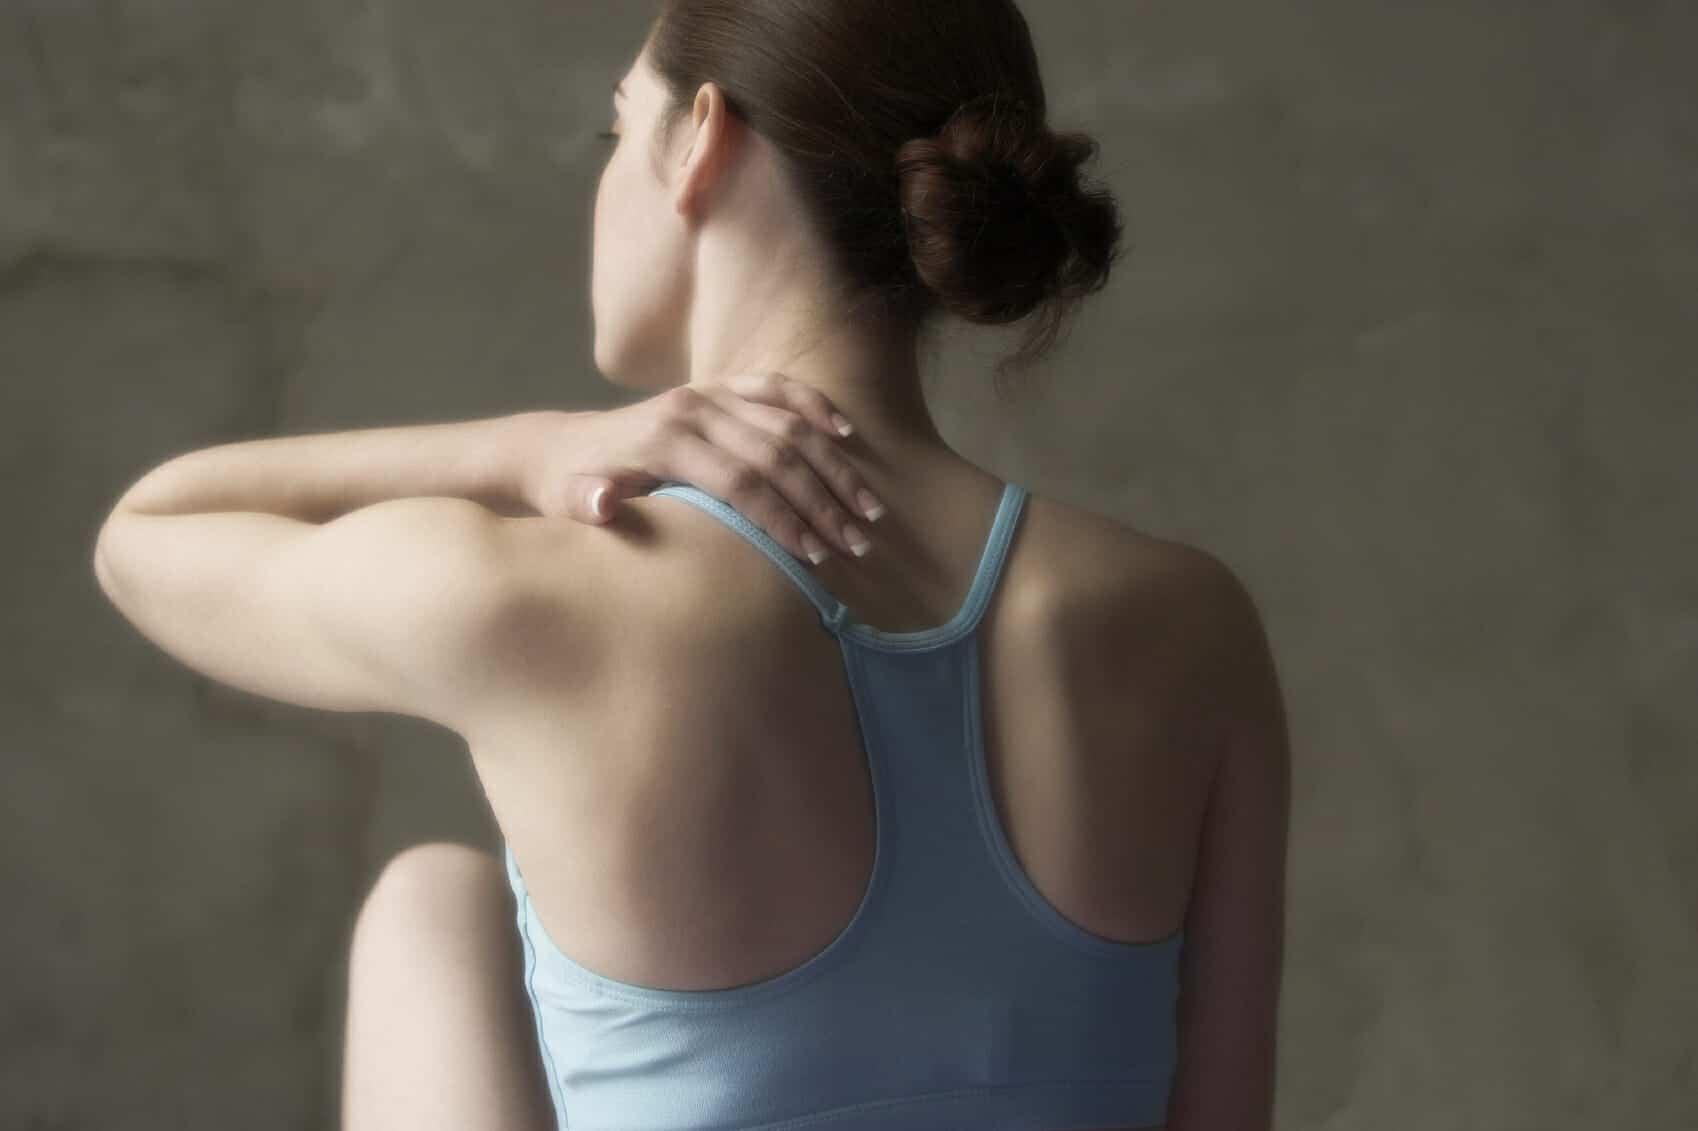 Massagehjemme tilbyder at komme i dit hjem og udføre massagebehandlinger.